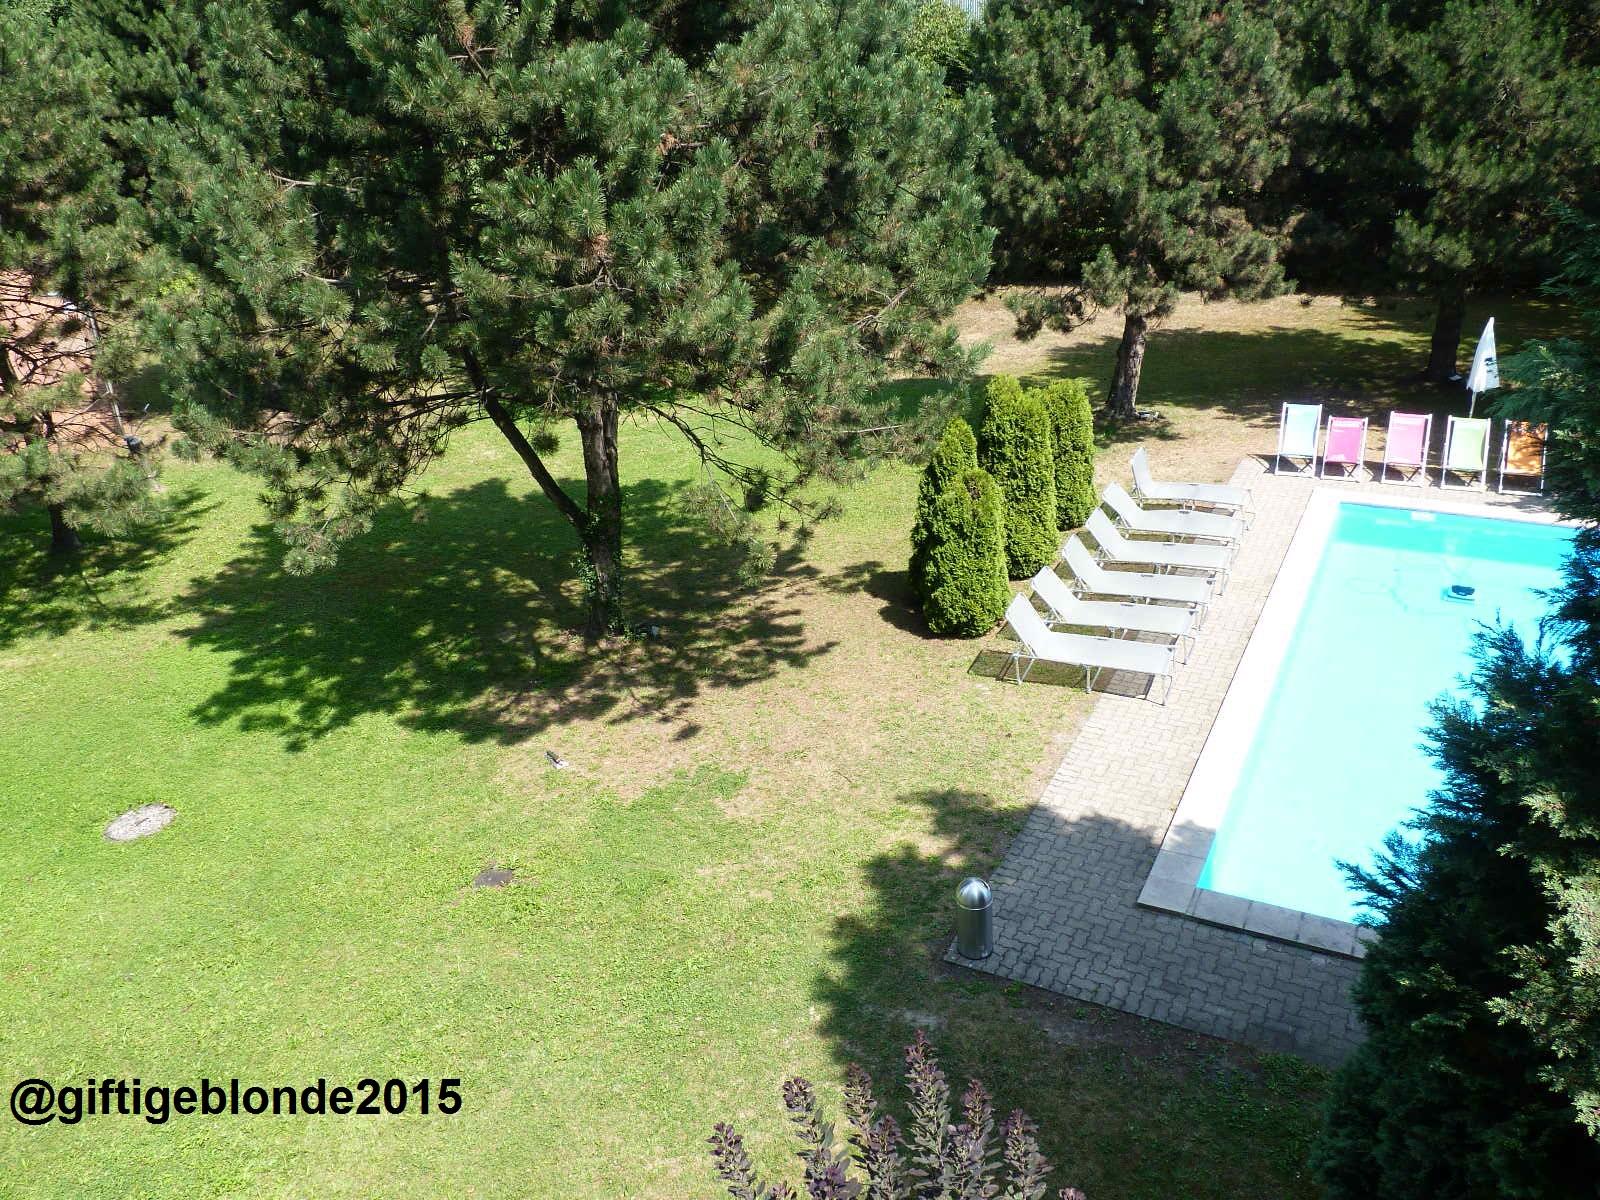 Hotel Pool im Grünen